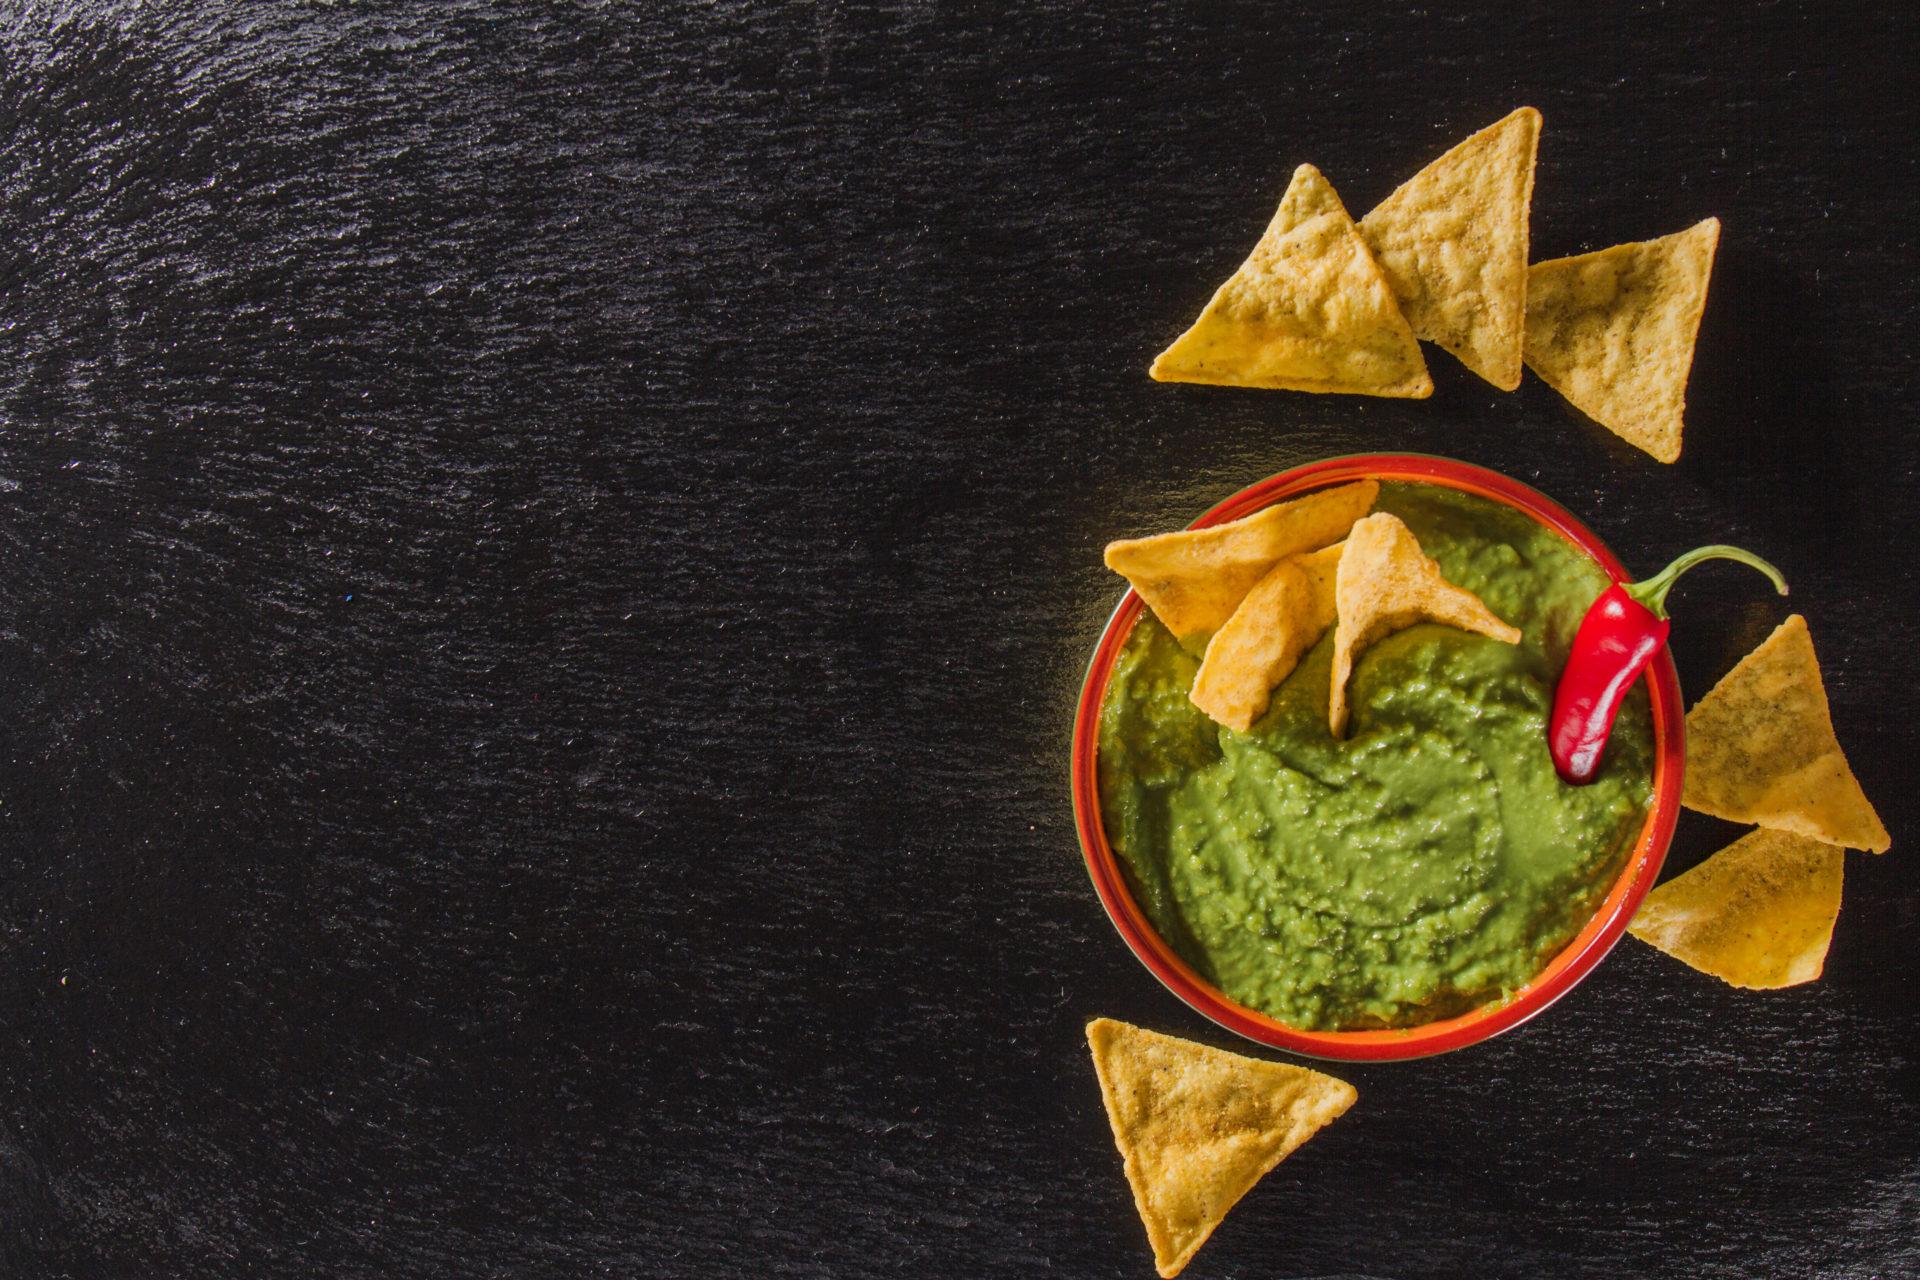 Guacamole com nachos em volta e pimenta no centro